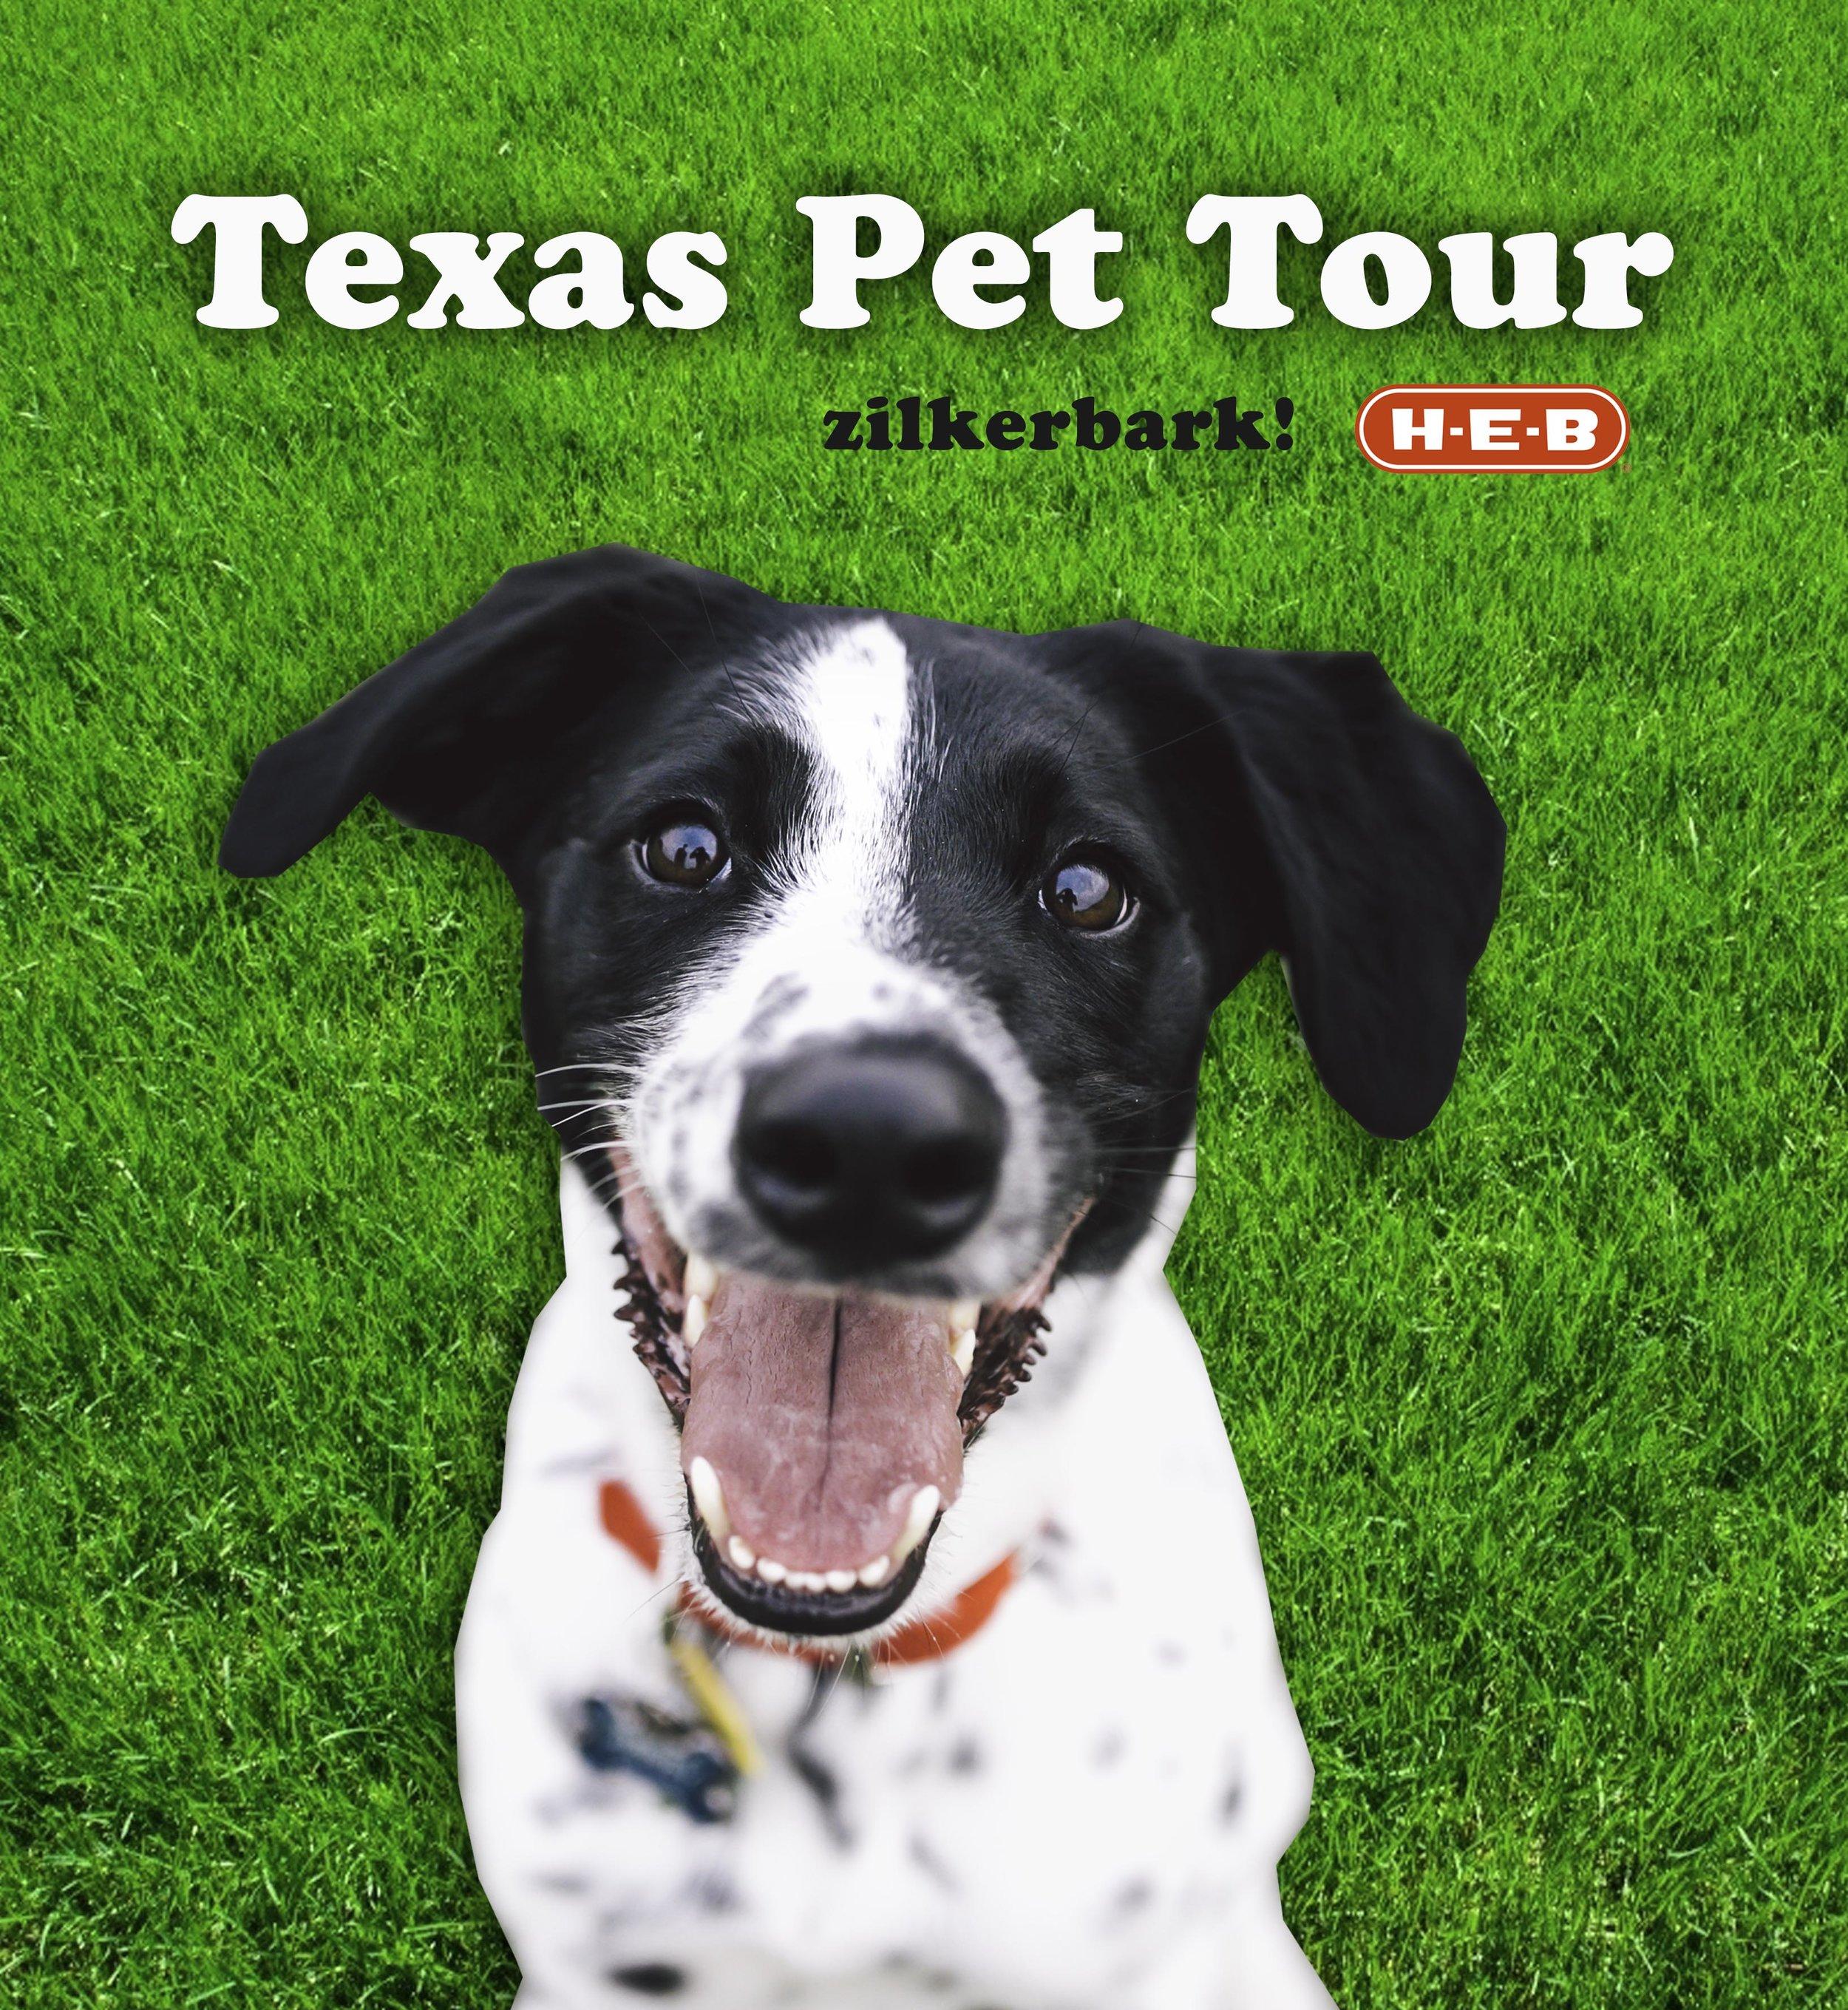 HEB ZilkerBark Texas Pet Tour 2019.jpg